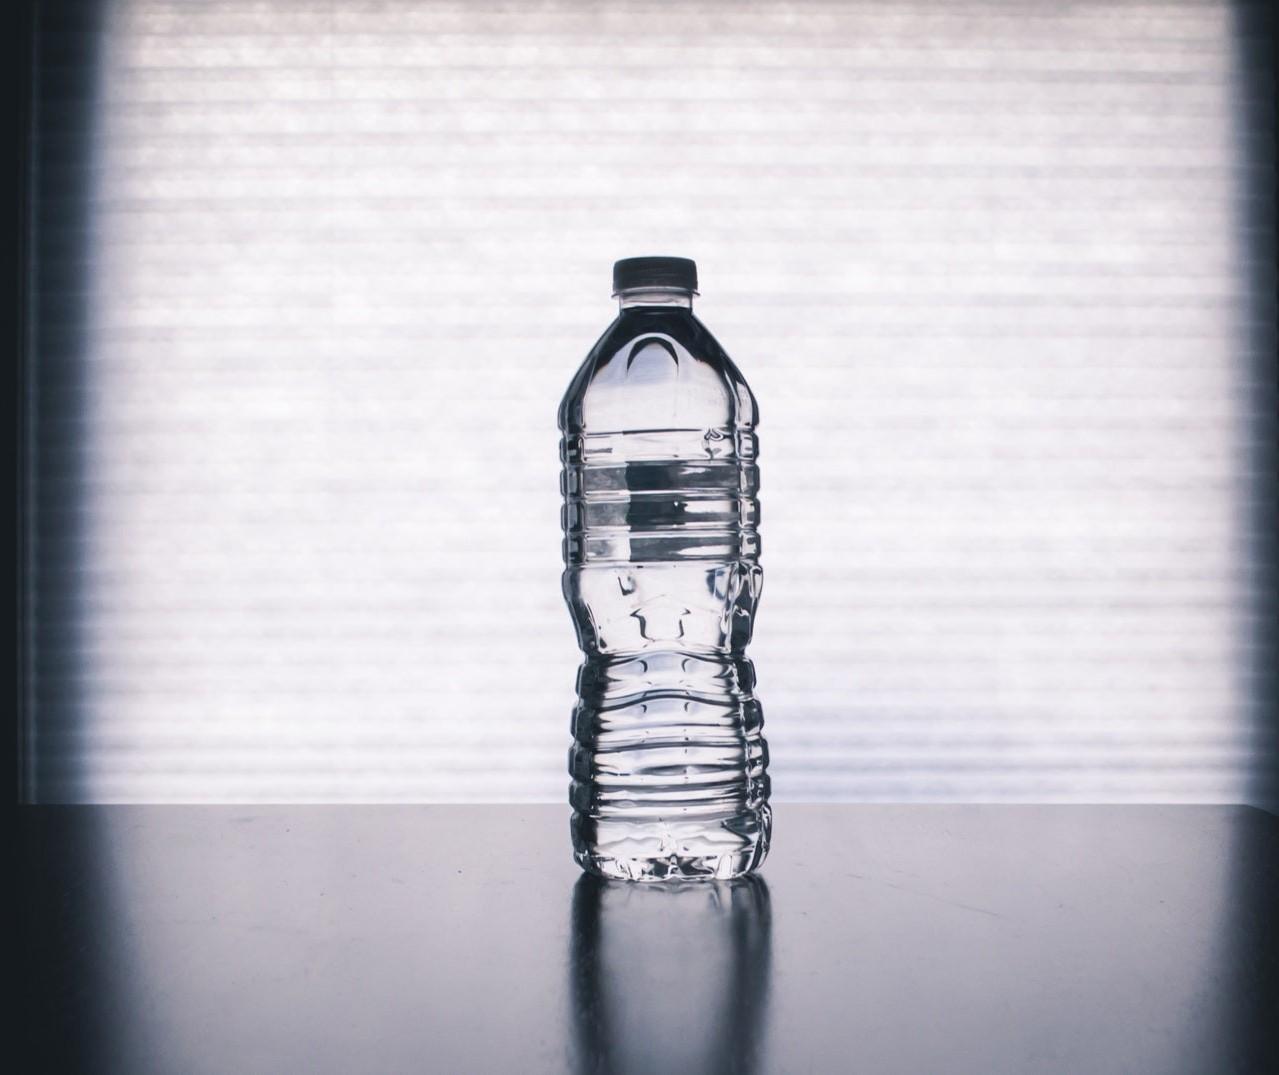 Um novo material que substitui o plástico e é biodegradável